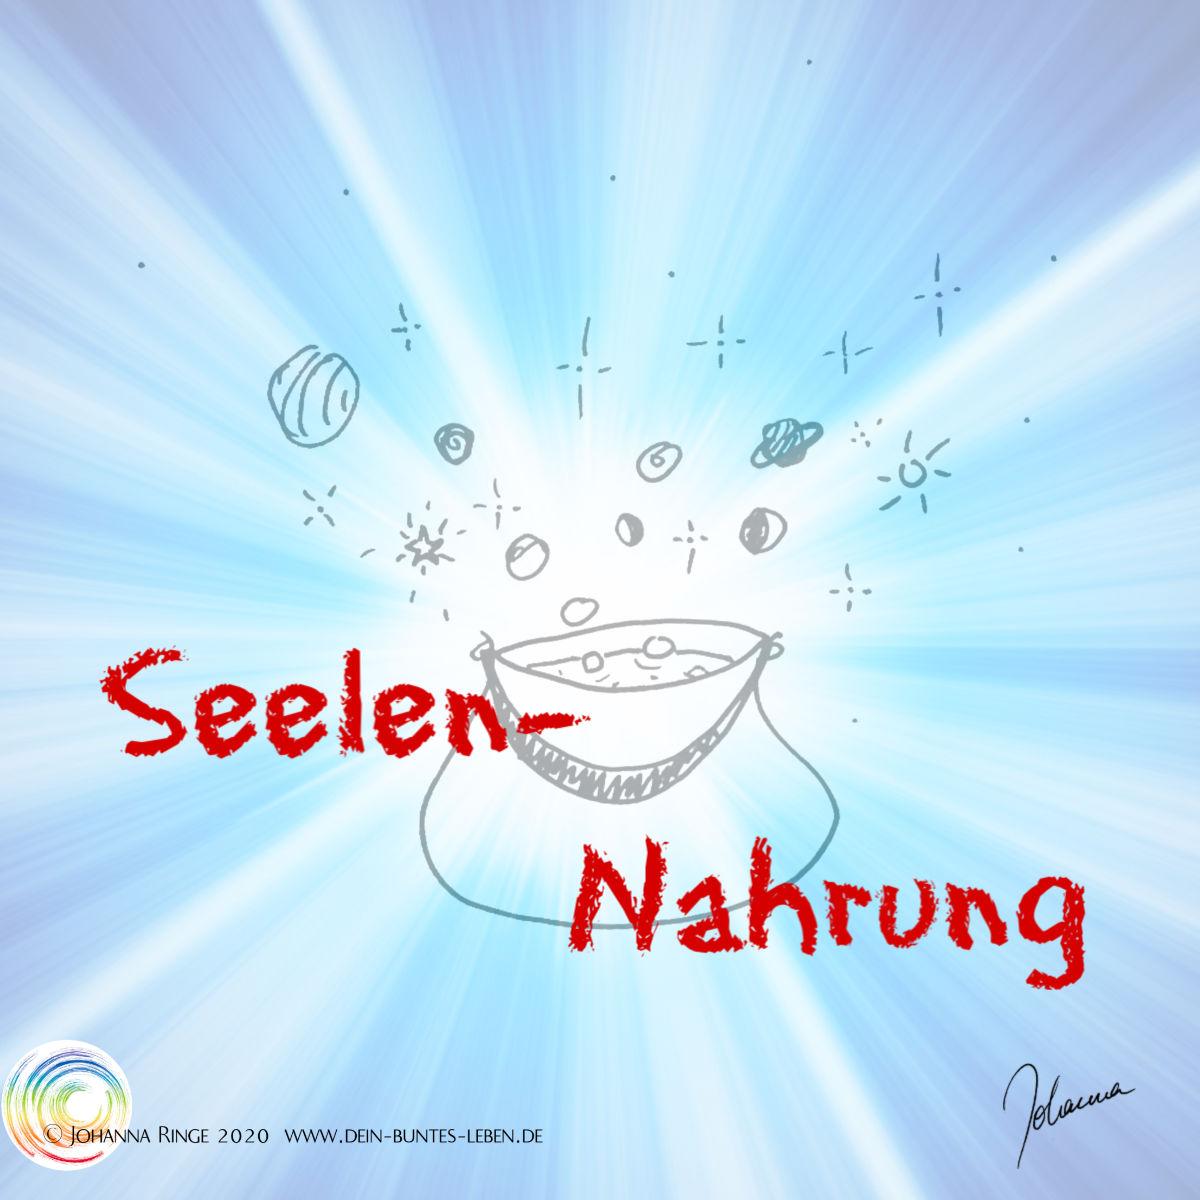 Seelennahrung: Zeichnung eines blubbernden Kessels, aus dem Planeten und Sterne aufsteigen. ©2020 Johanna Ringe www.dein-buntes-leben.de